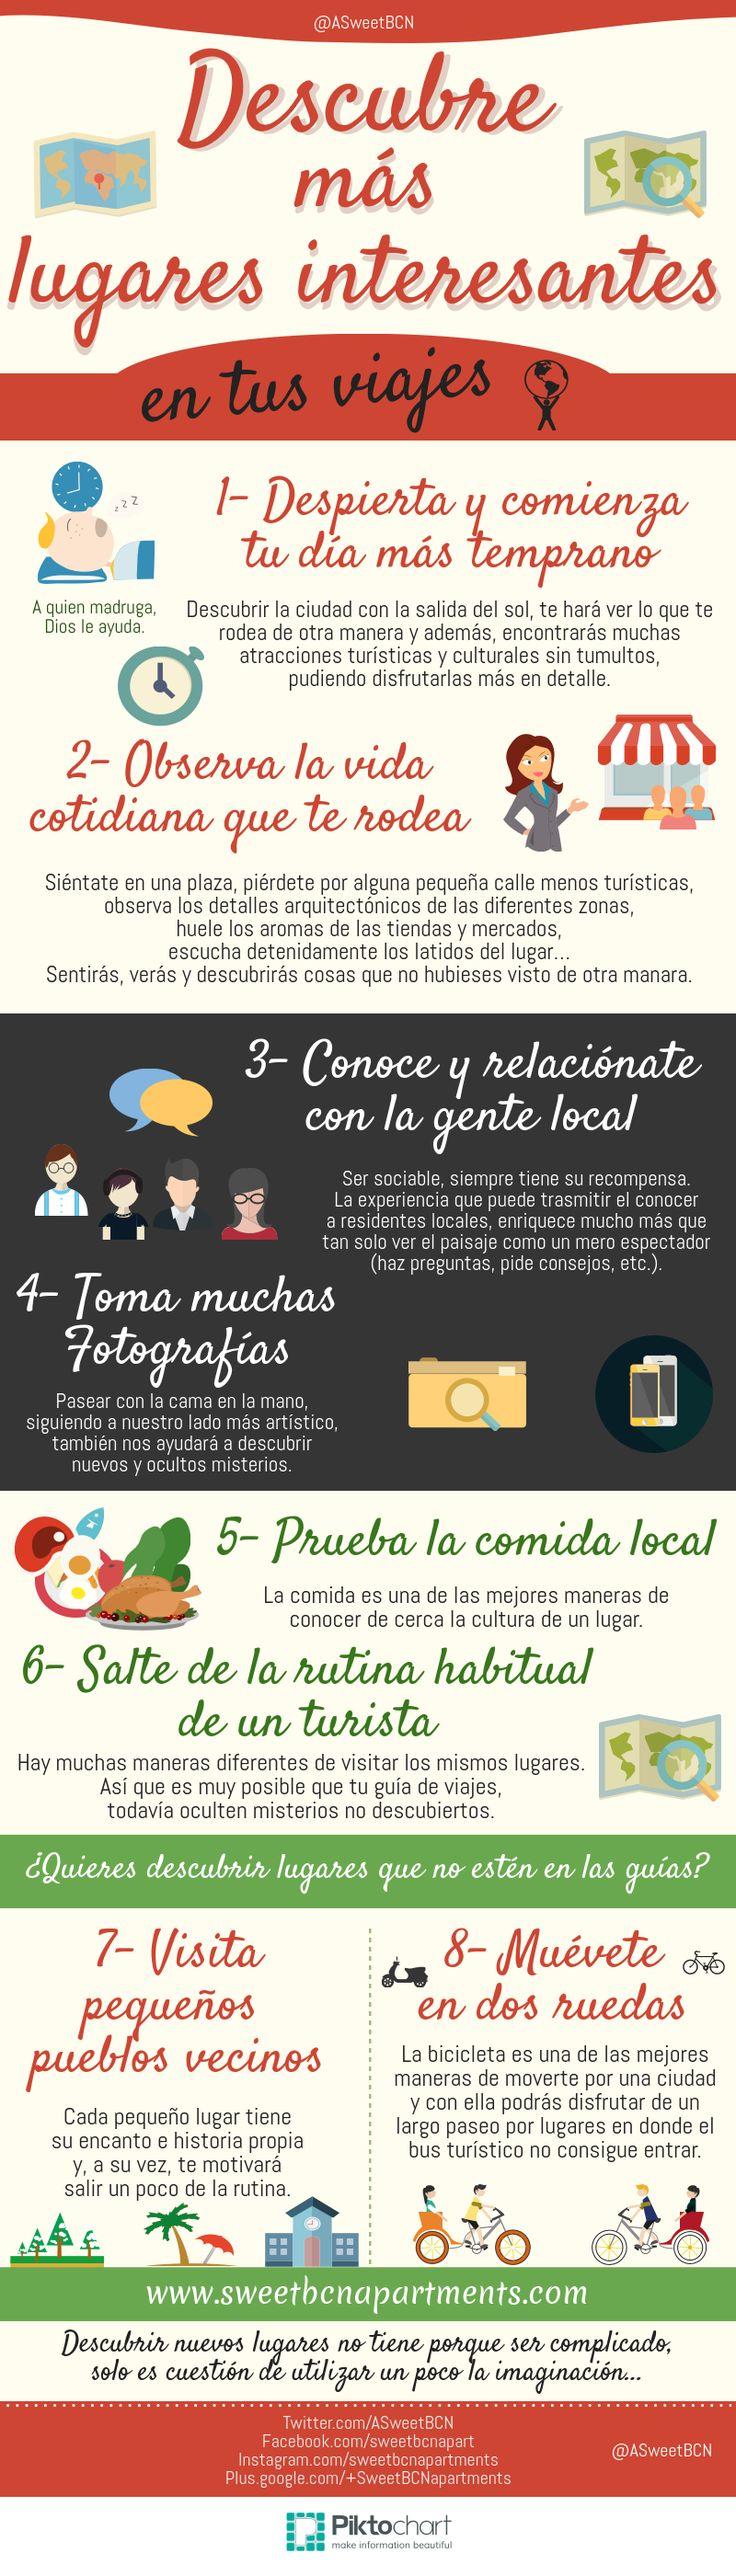 Descubre más lugares interesantes en tus viajes Gracias por ser parte de #Cosmeticoslibni www.cosmeticoslibni.net  http://ymlp.com/zLbf4F